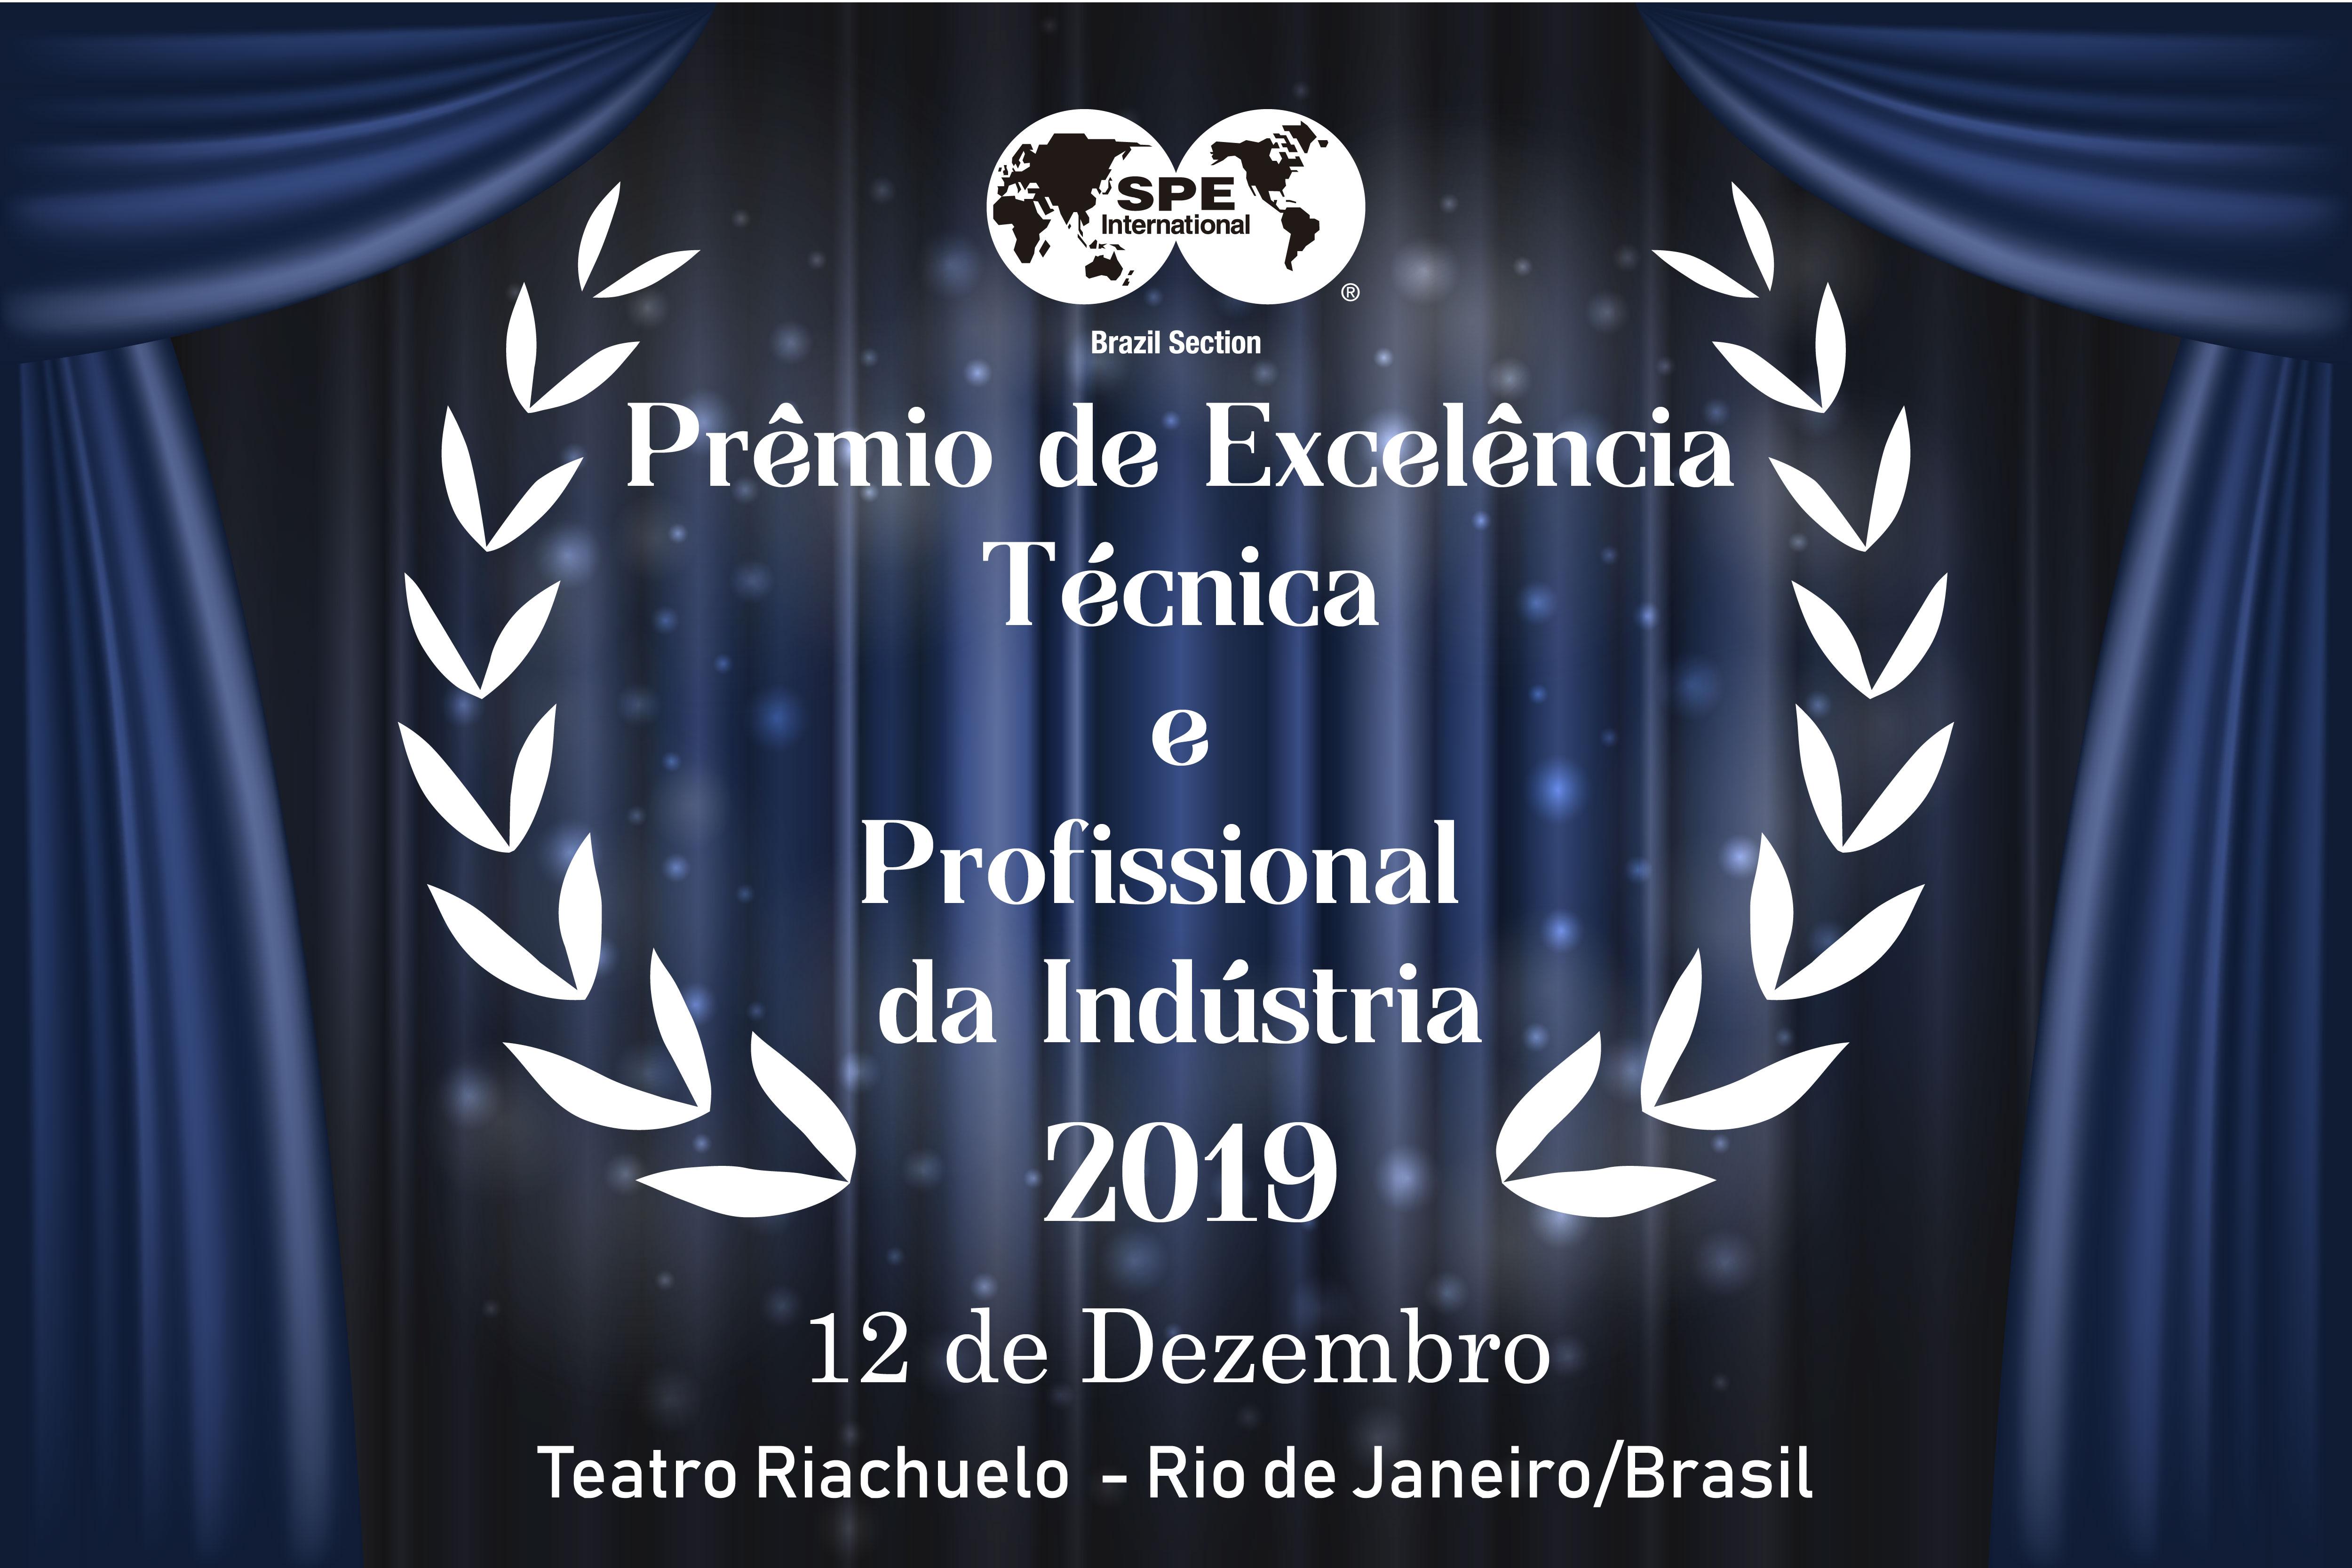 Prêmio de Excelência Técnica e Profissional da Indústria 2019